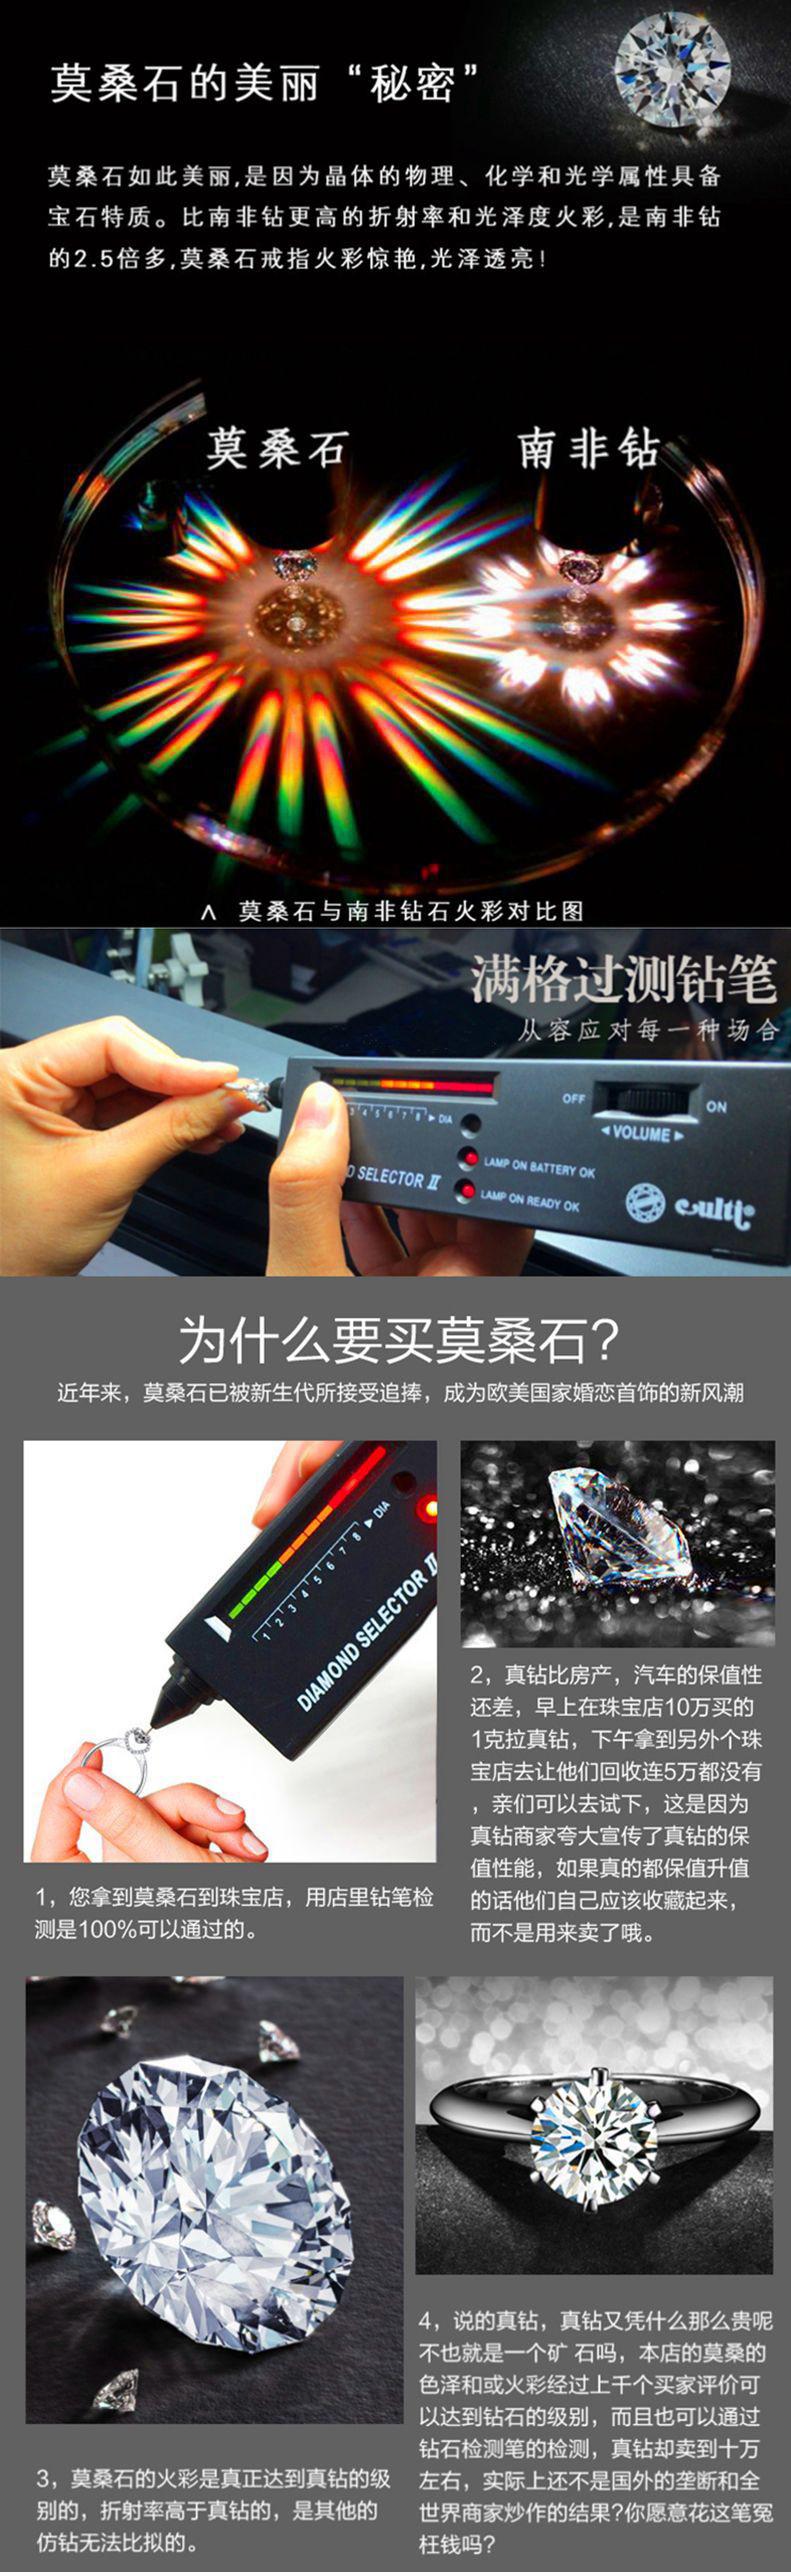 WeChat Picture_2.jpg